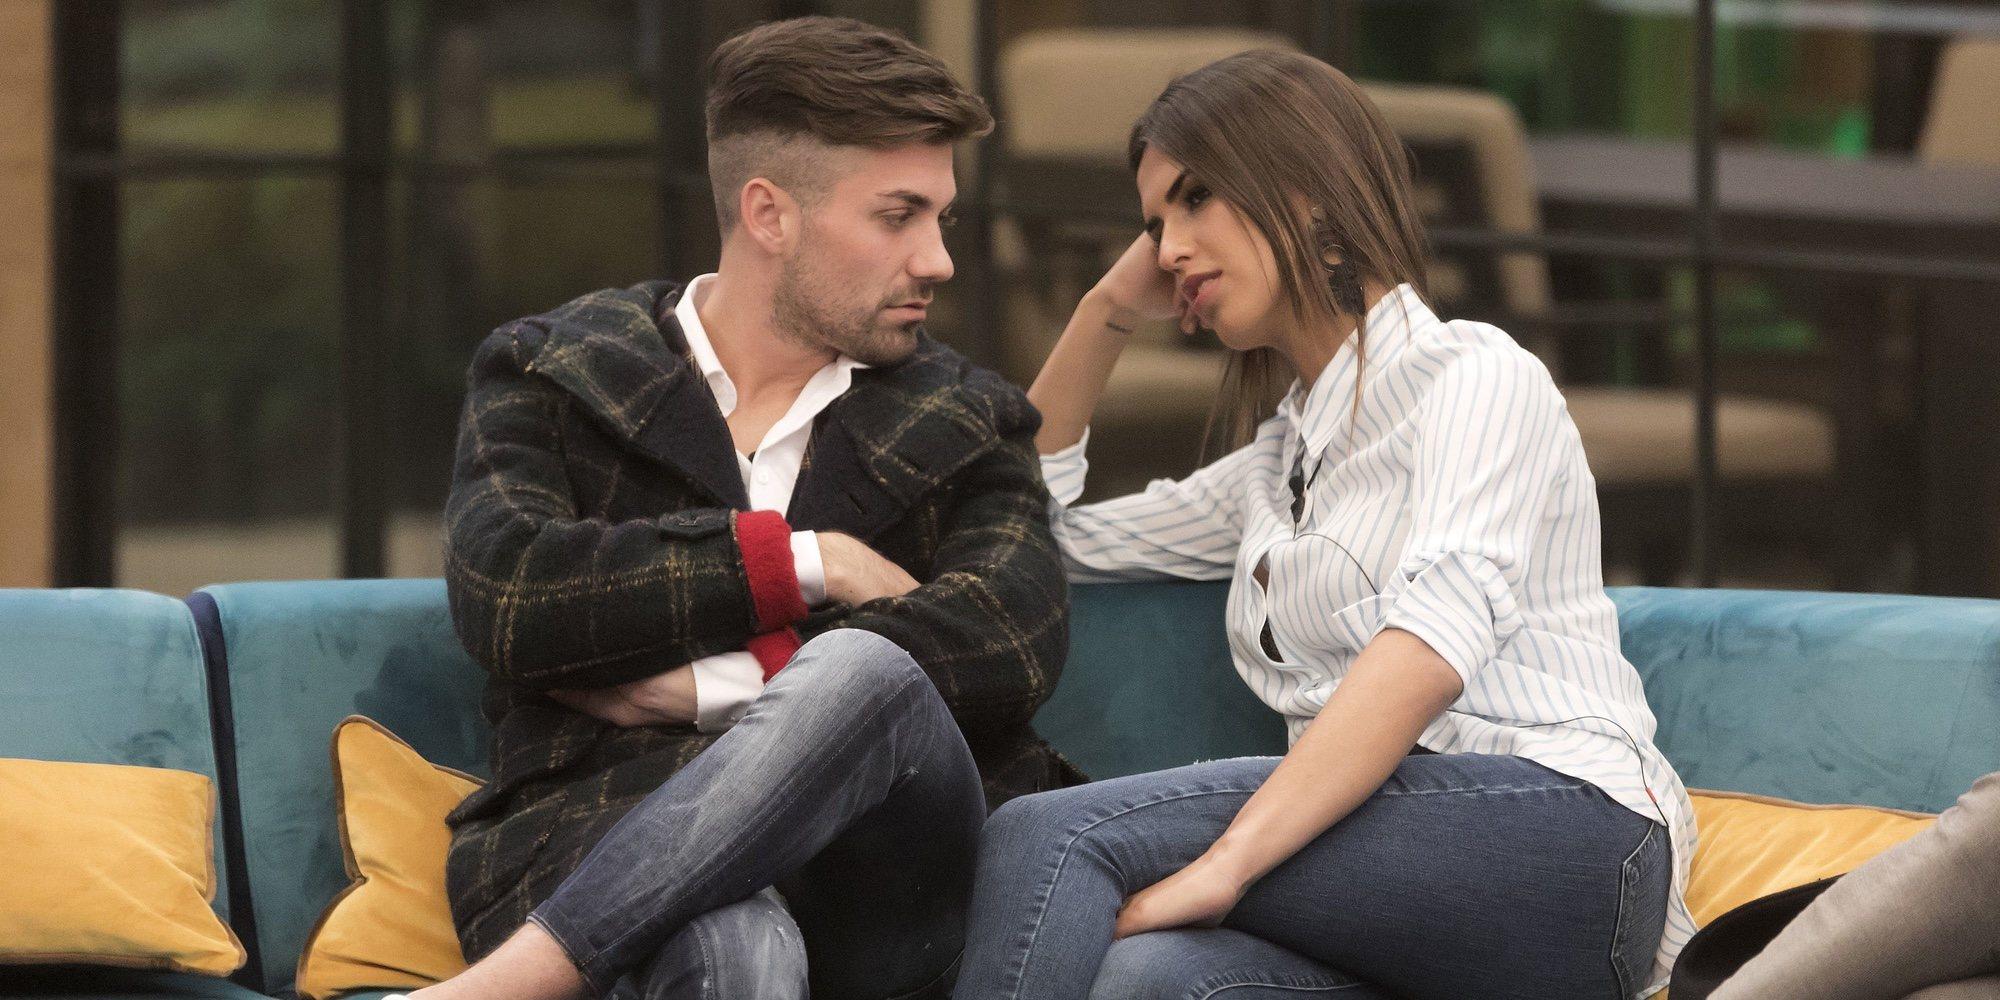 """Sofía Suescun habla sobre su relación con Alejandro Albalá en 'GH DÚO': """"Hemos vivido episodios de celos muy fuertes"""""""